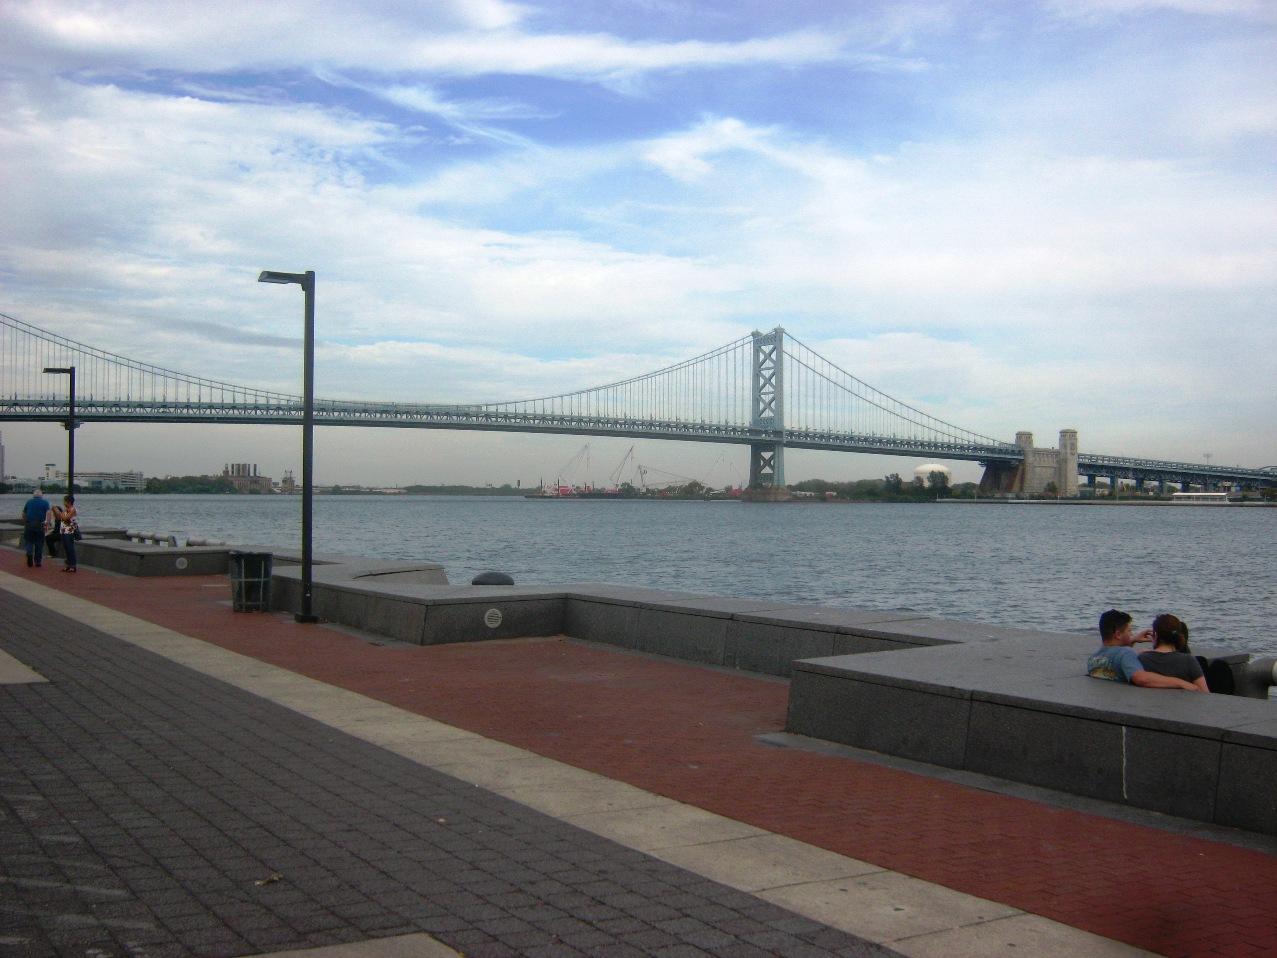 デラウェア川河岸公園とベンジャミン・フランクリン橋。